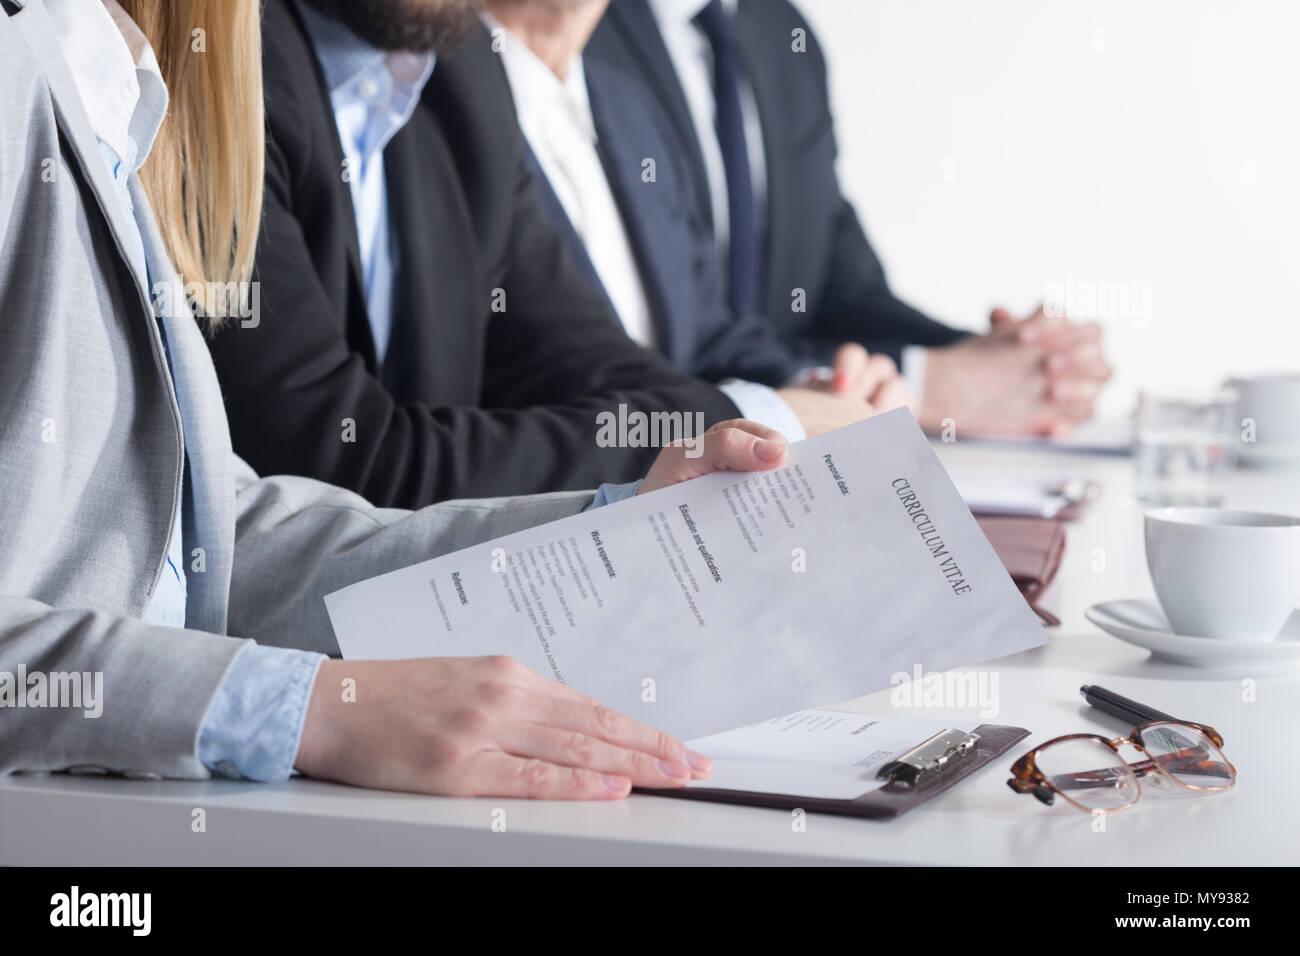 Frau mit CV sittting Neben drei Geschäftsleute neben Tabelle Stockbild